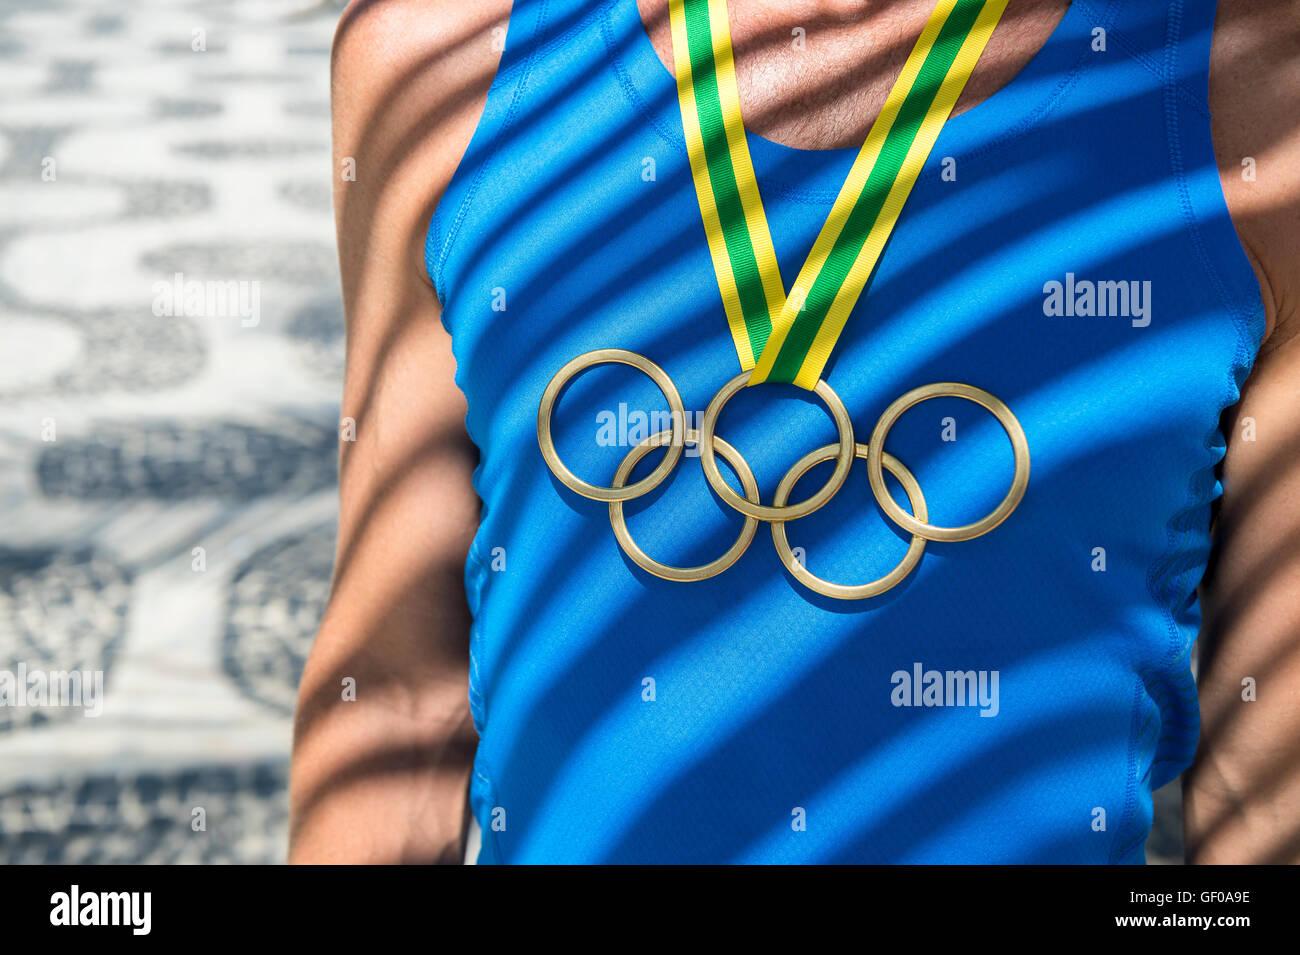 RIO DE JANEIRO - 23. Februar 2015: Sportler der Olympischen Ringe gold Medaille steht unter Palm Frond Schatten Stockbild